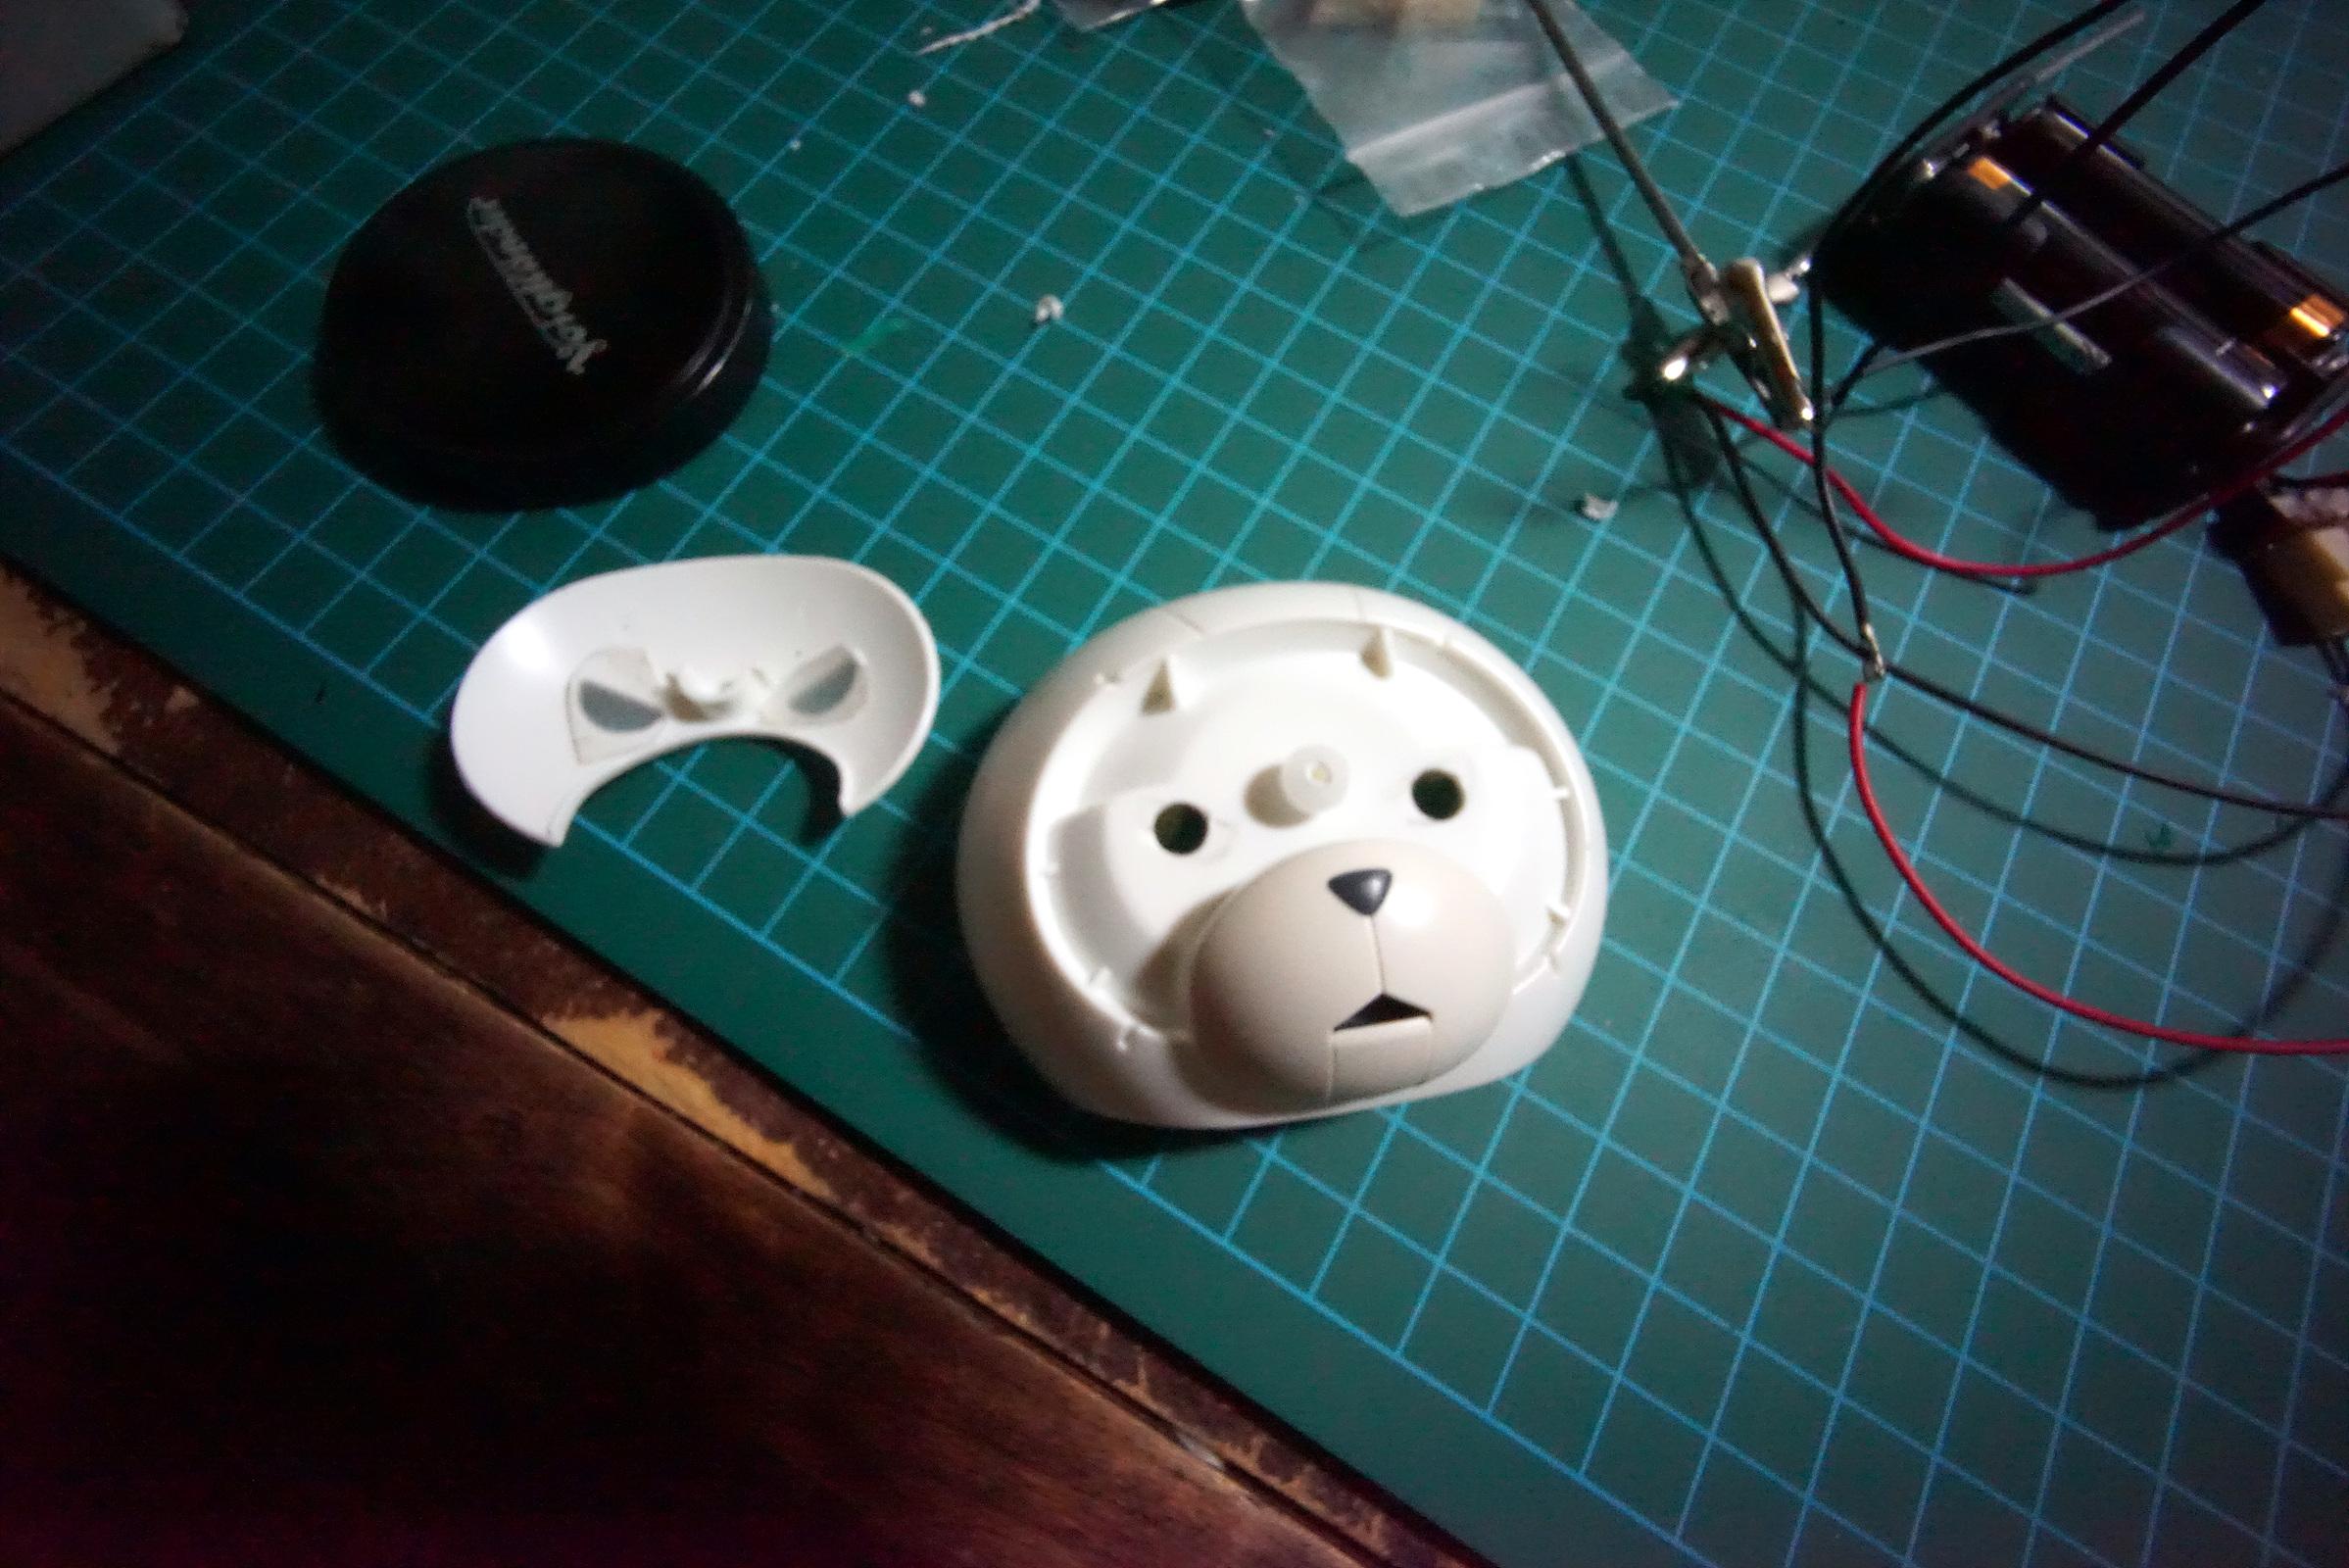 베앗가이(ver.아이언맨) LED 장착 및 테스트